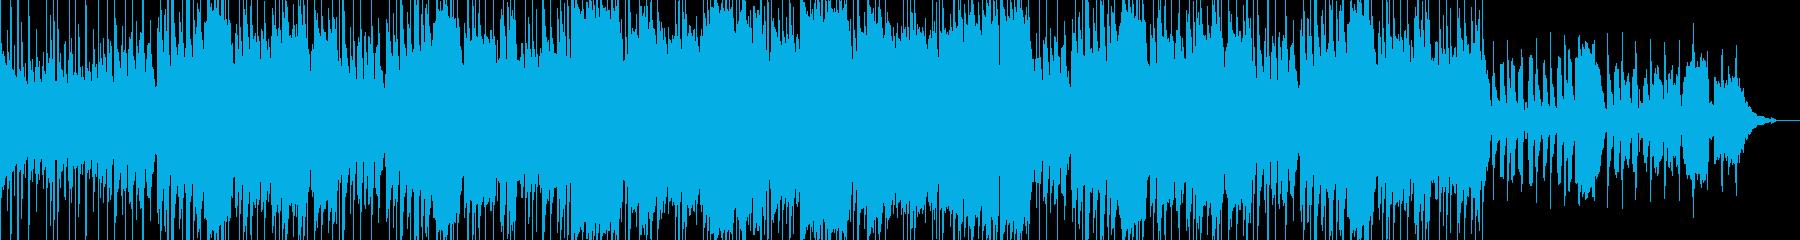 口笛が印象的なBGMの再生済みの波形